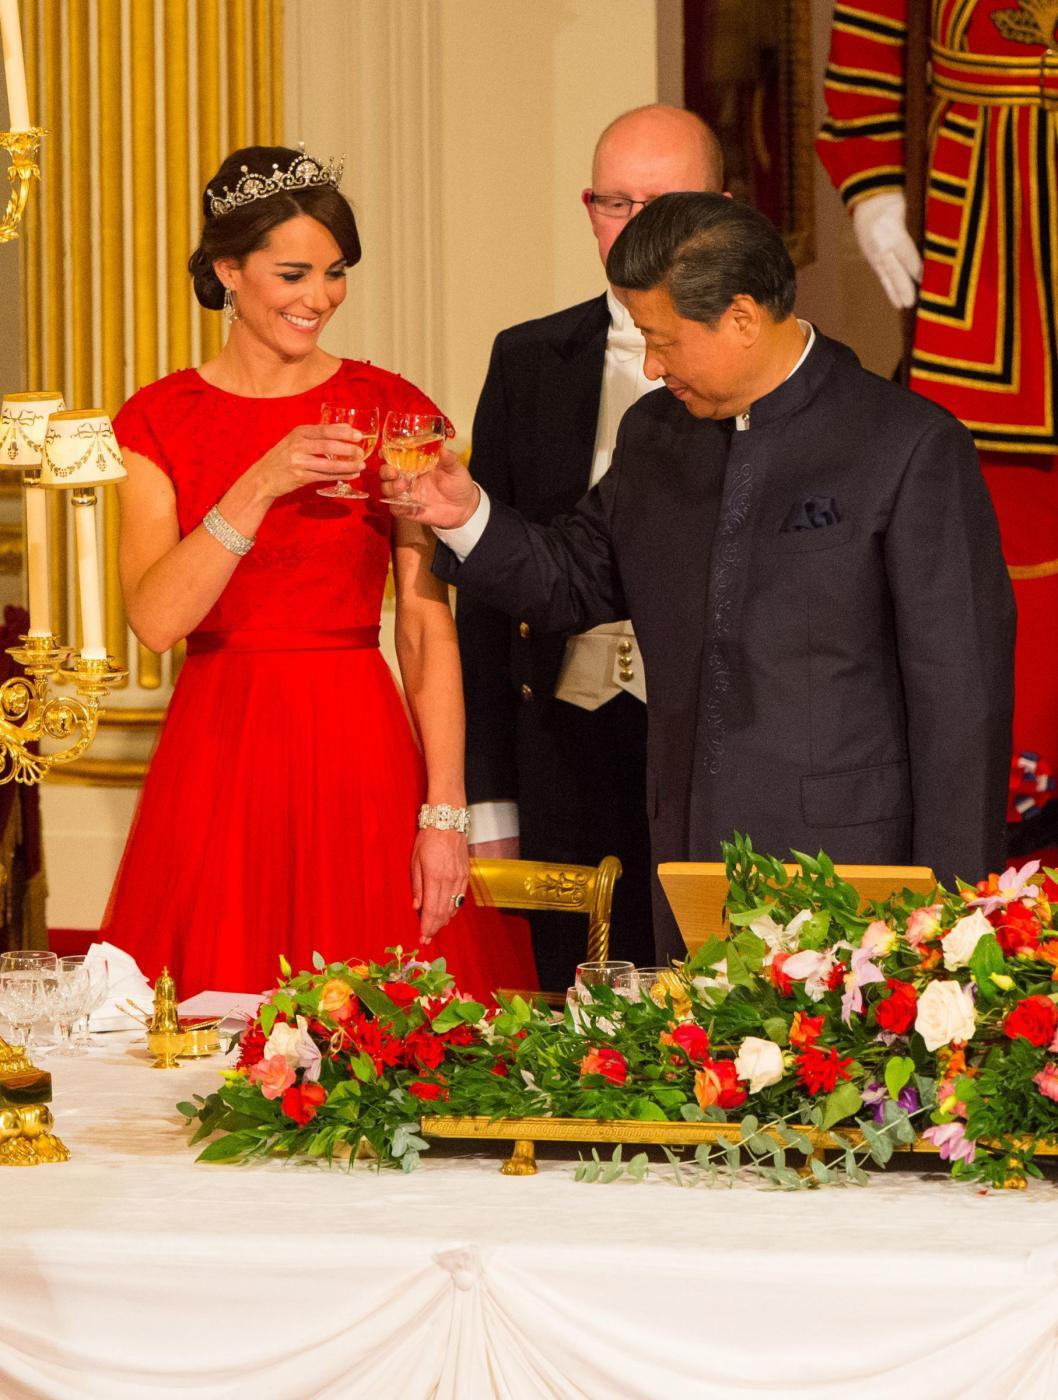 Kate Middleton con tiara e abito rosso alla cena di gala FOTO2